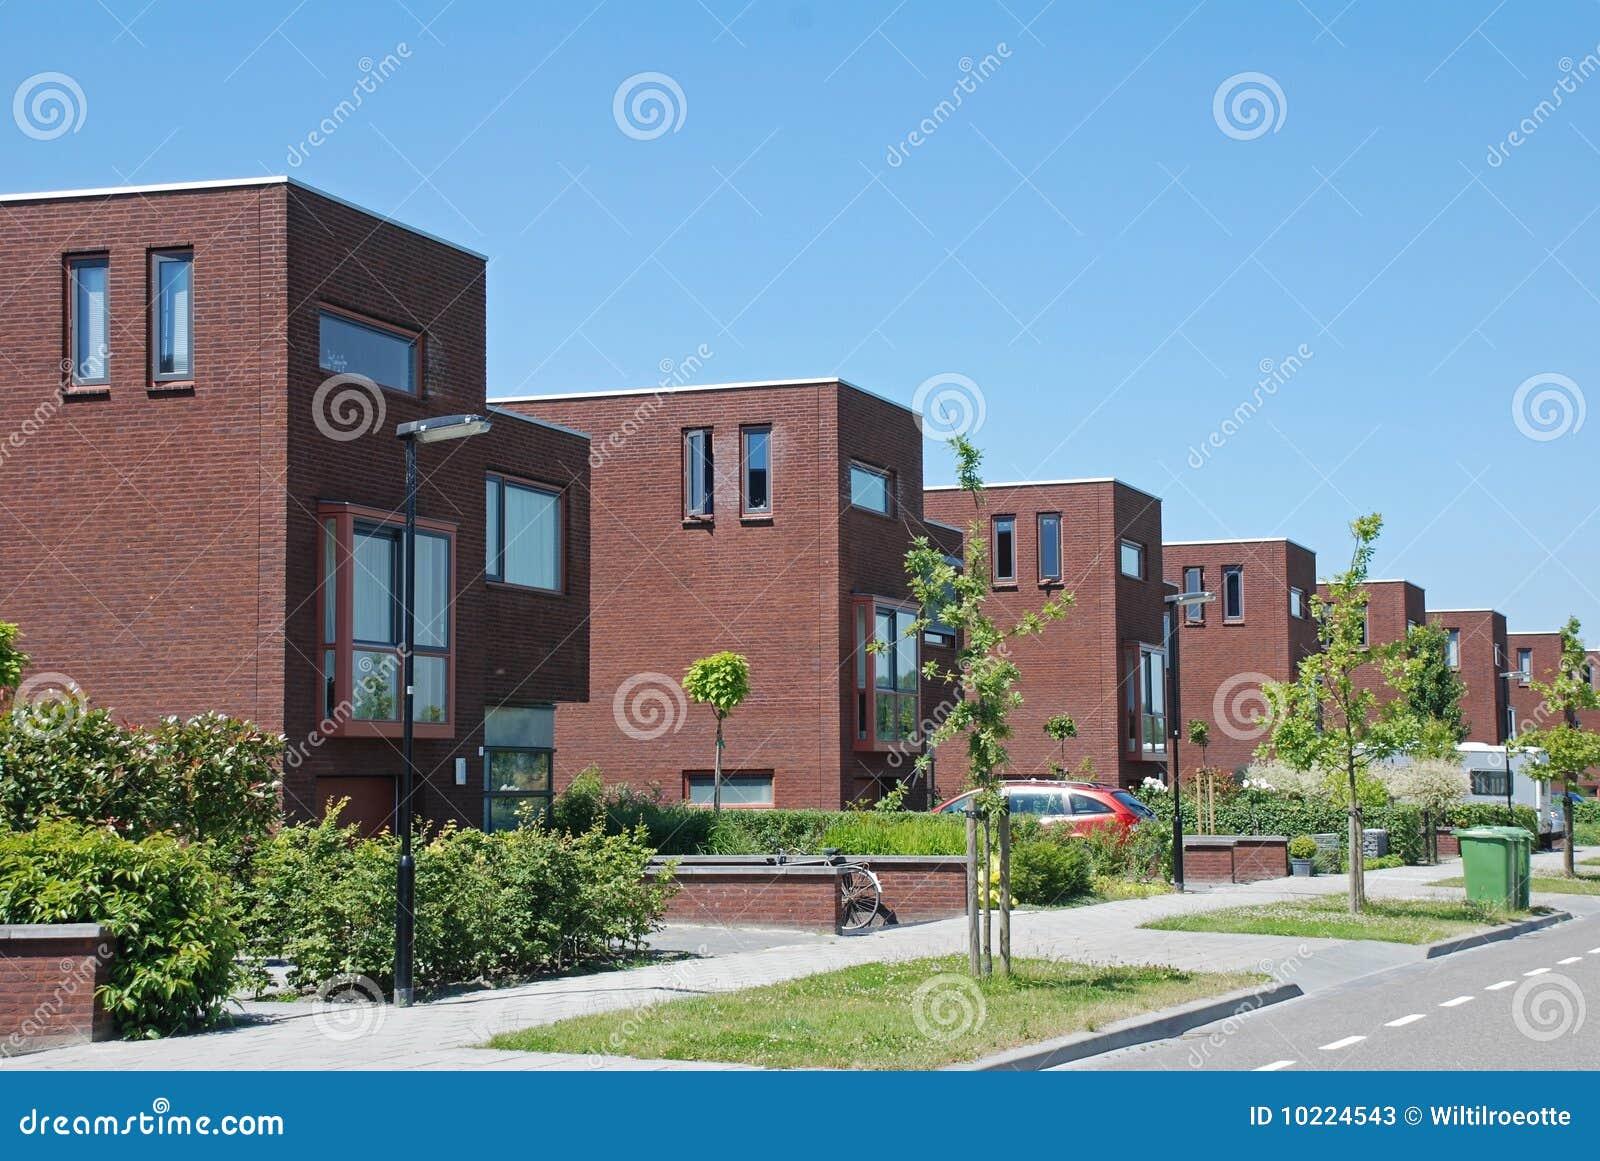 Via con le case moderne immagine stock immagine di Le case moderne